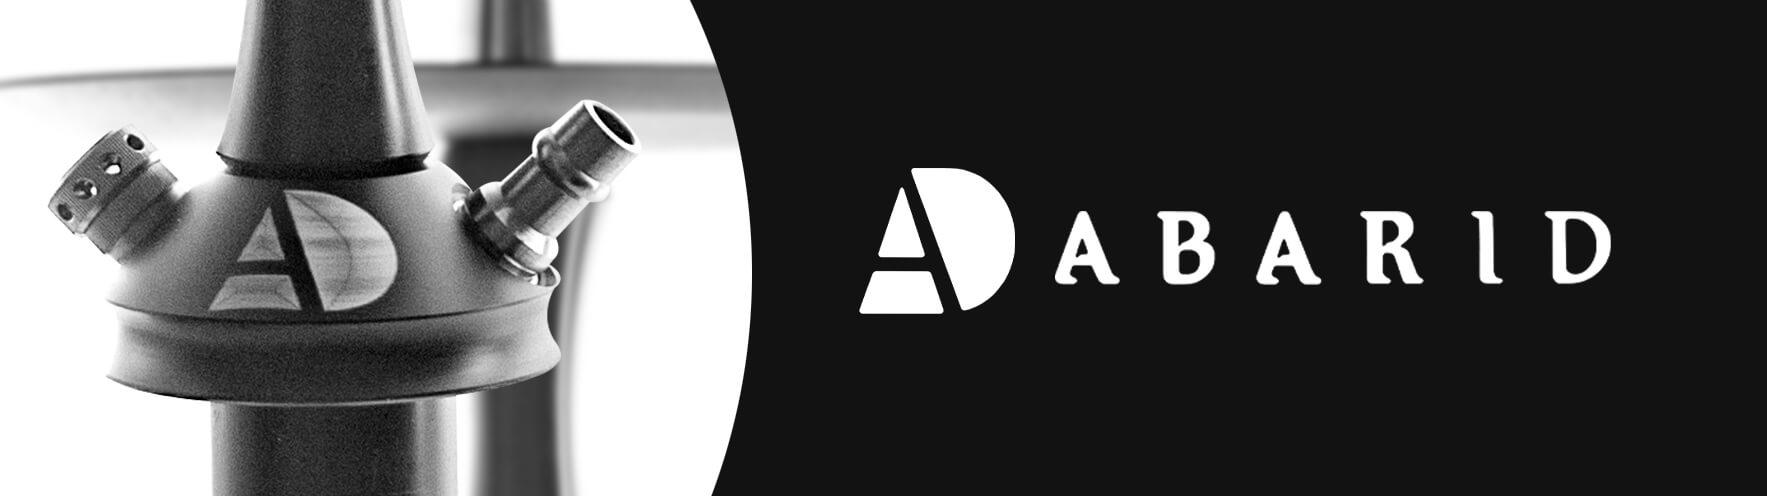 Кальяны Abarid на официальном сайте производителя